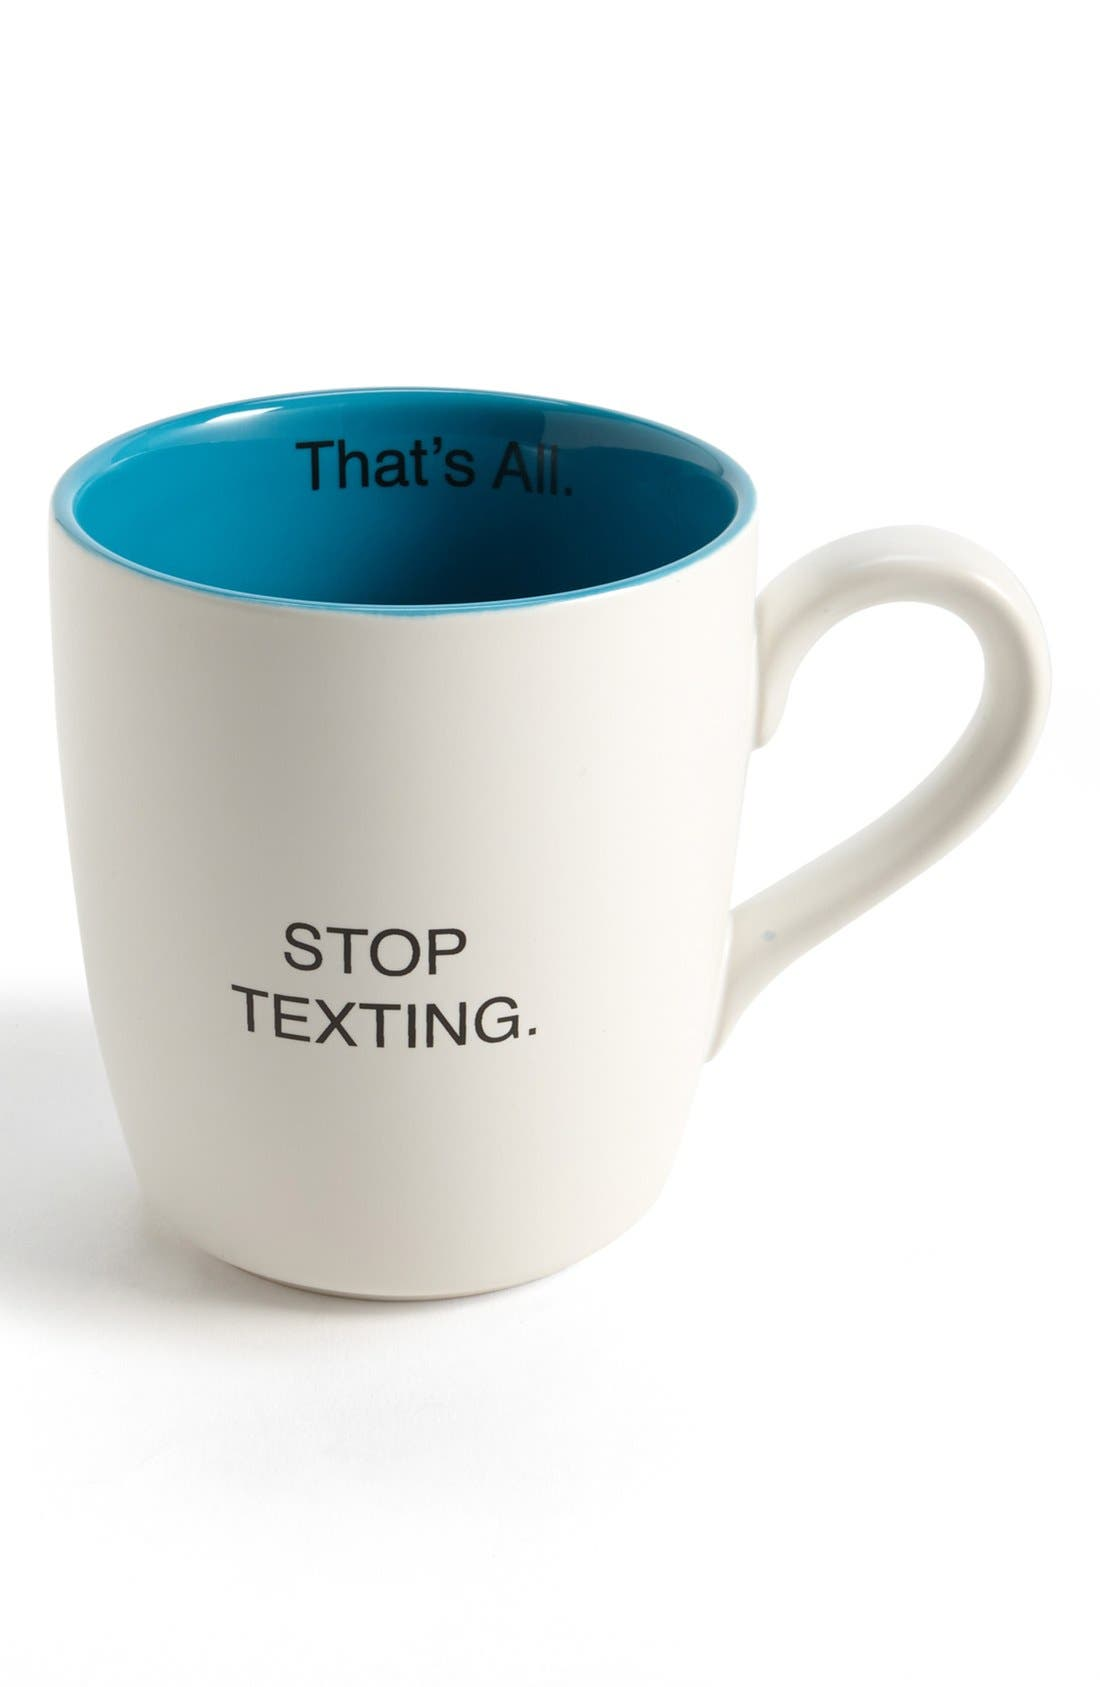 Main Image - 'That's All - Stop Texting' Mug